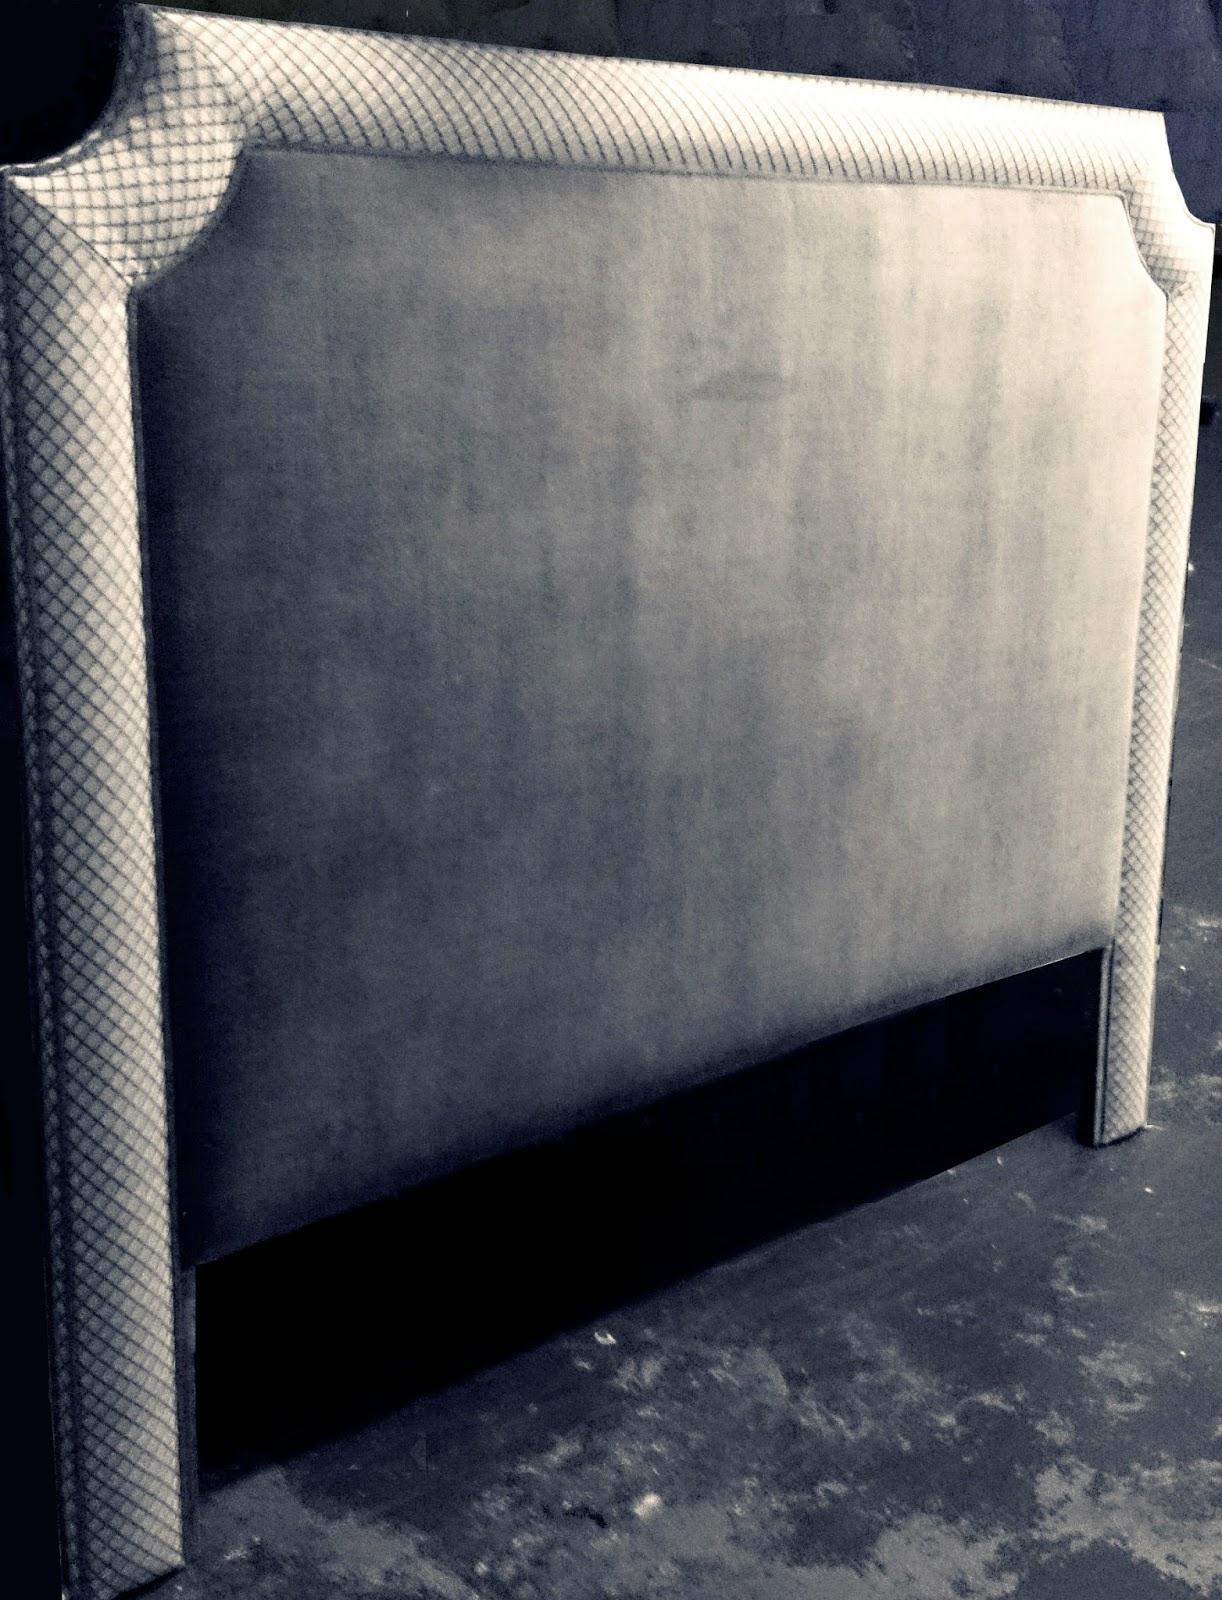 cabecero para cama cm diseo esquinas curvas tapizado con platabanda tela rombos y rematado con vivo